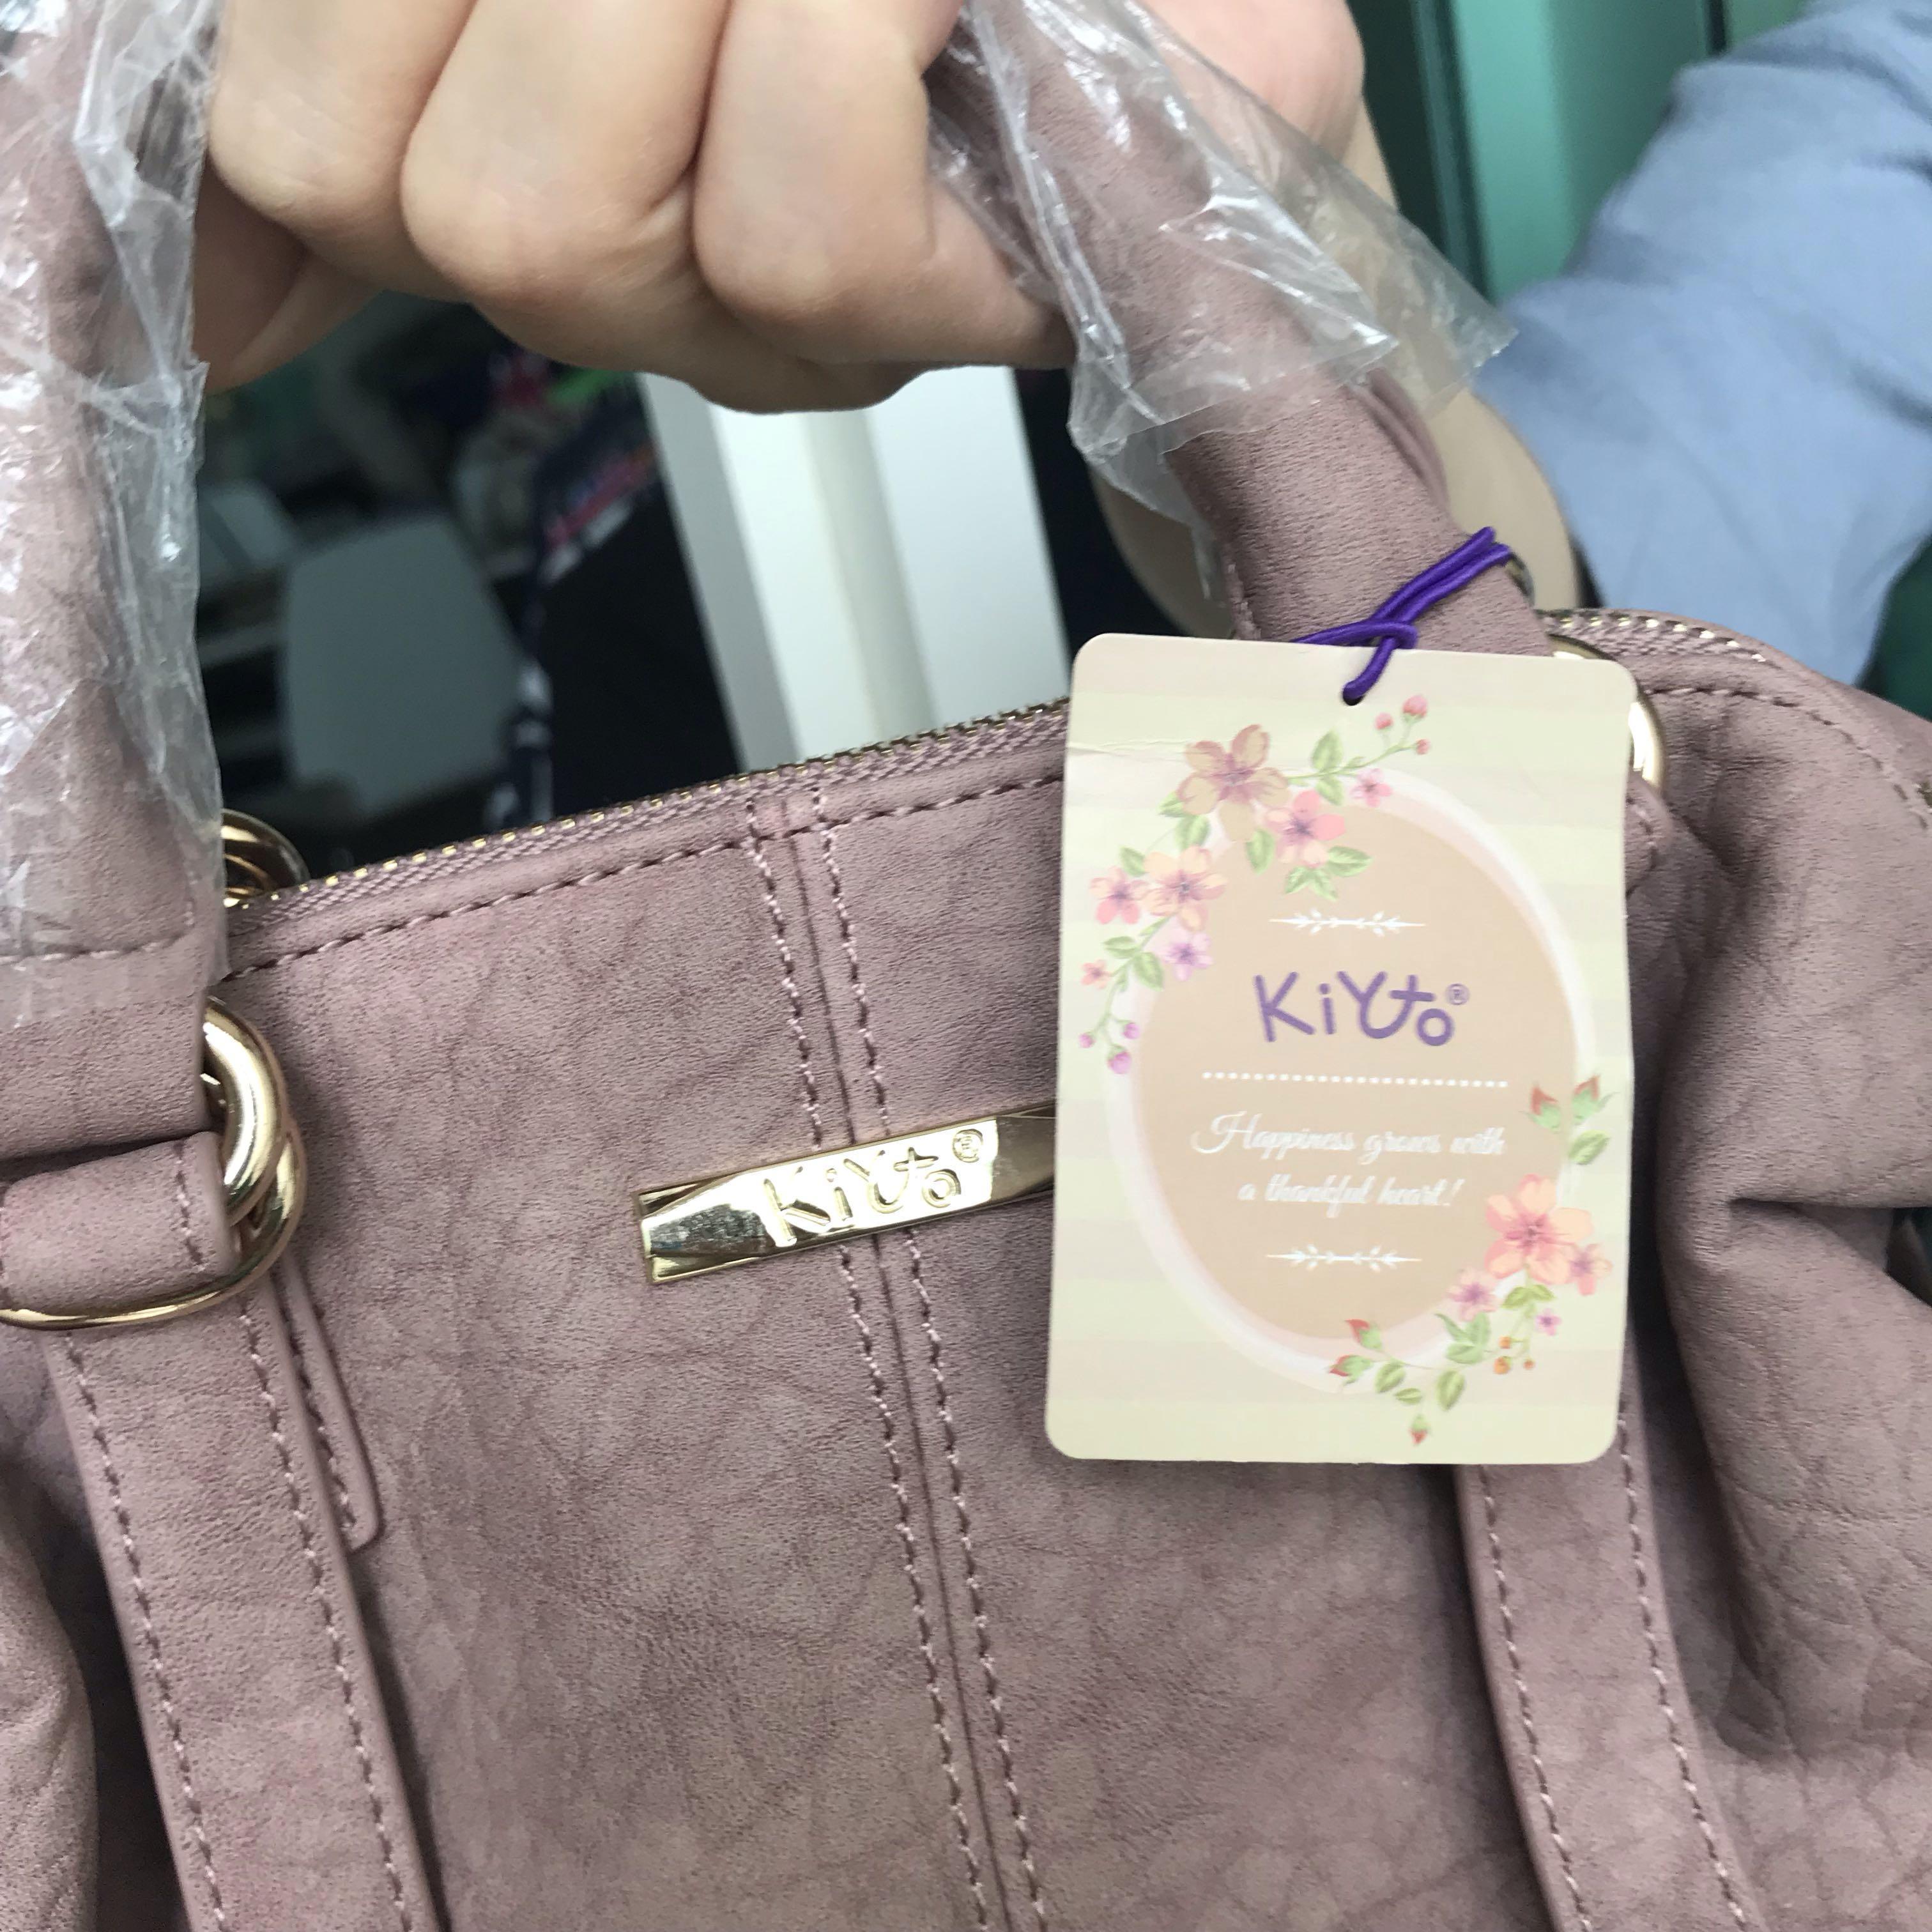 KIKO 🇯🇵 日系 a.n.s 高雅脫俗 粉紅 手挽斜咩袋